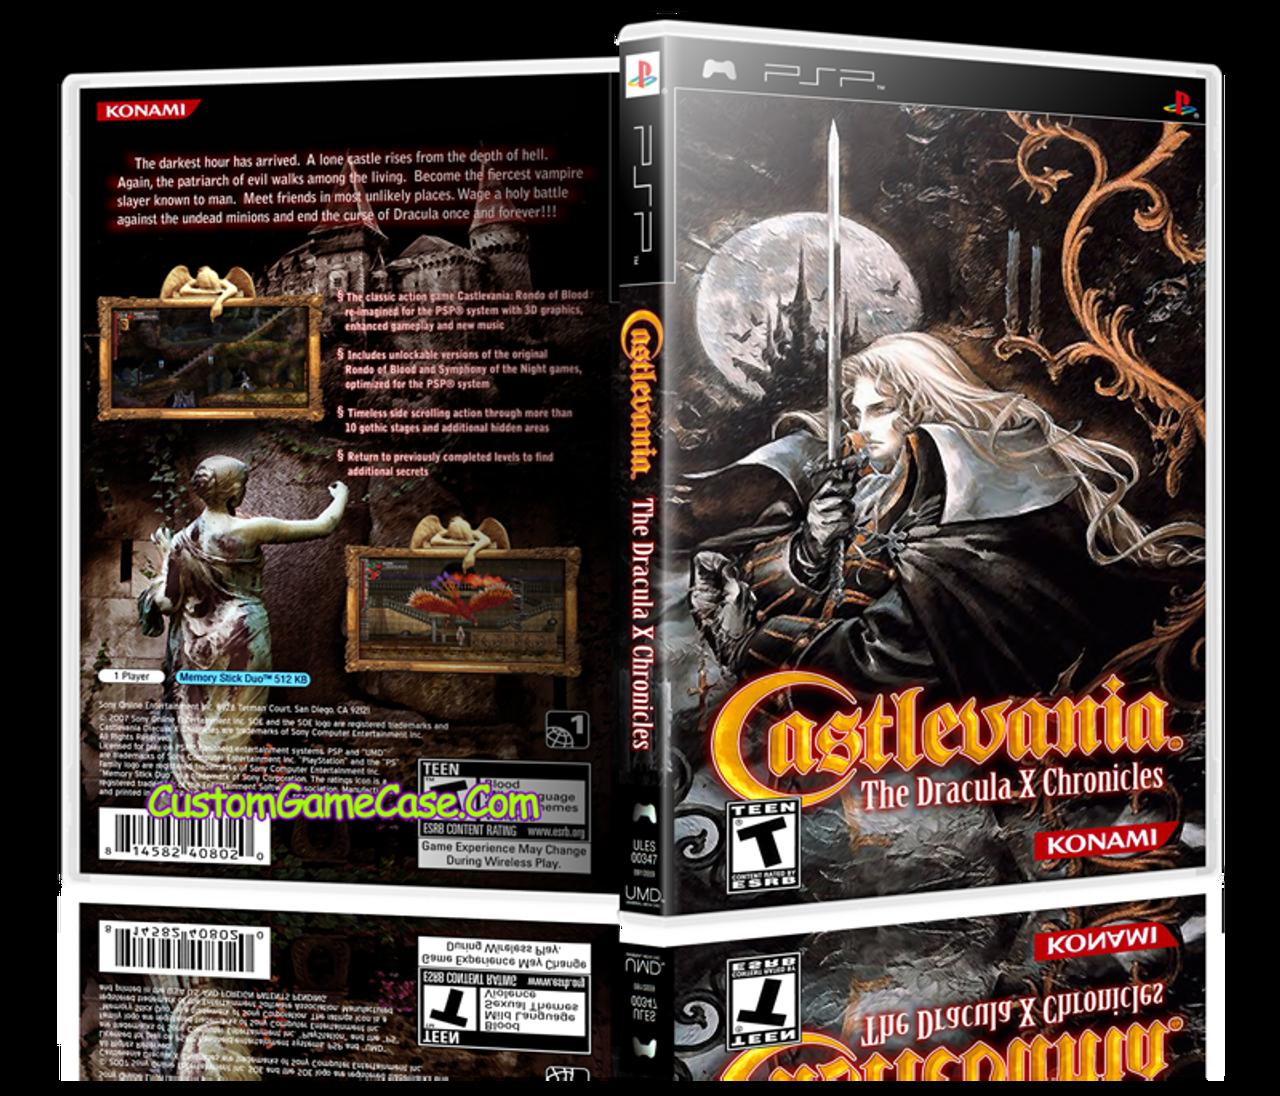 Castlevania psp games